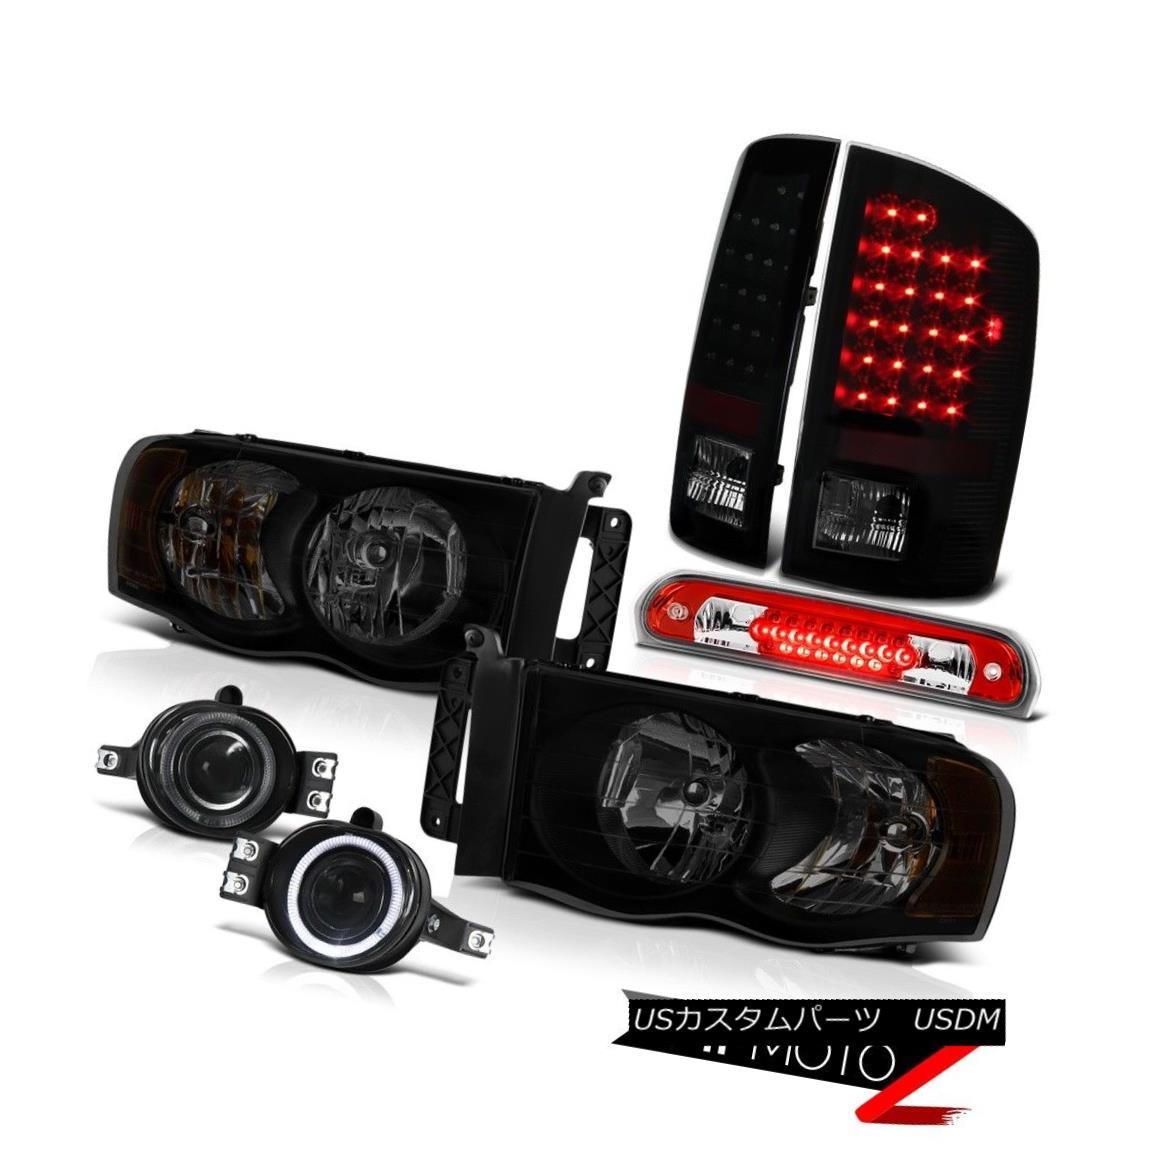 テールライト 2003-2005 Dodge Ram 2500 3.7L Headlights Foglamps Red 3RD Brake Lamp Tail Lamps 2003-2005 Dodge Ram 2500 3.7Lヘッドライトフォグランプ赤3RDブレーキランプテールランプ